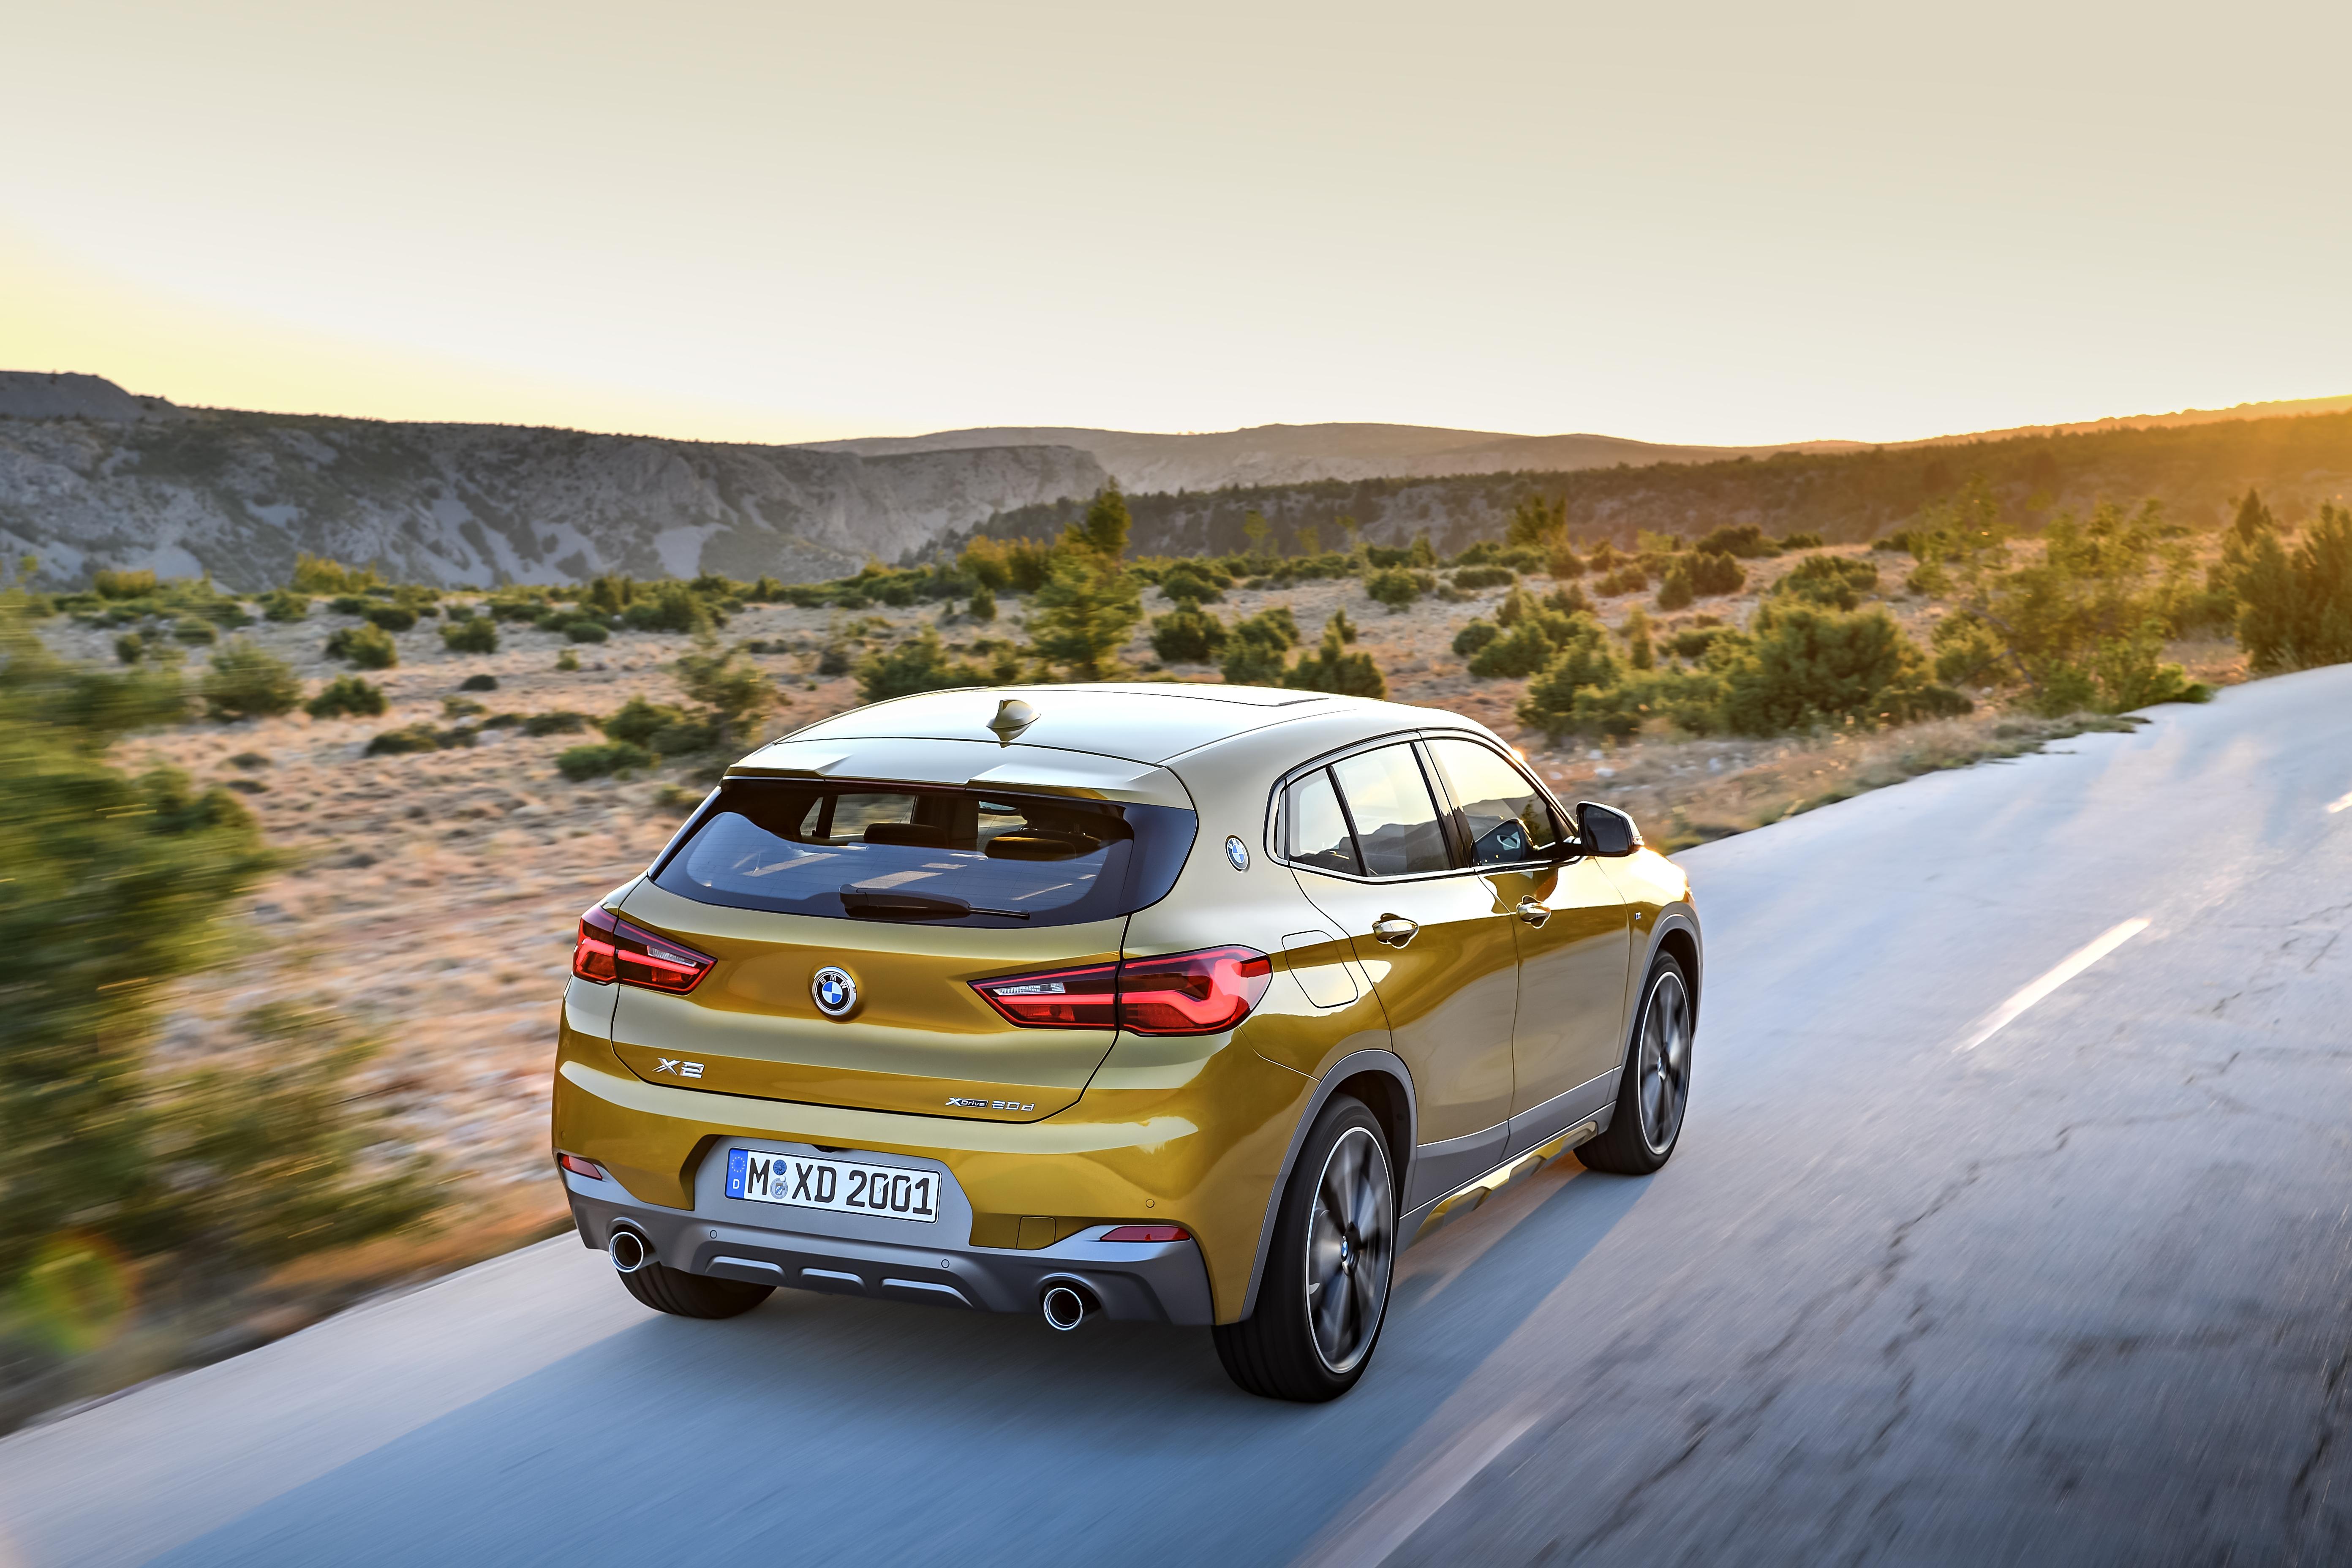 Η BMW X2 έχει ξεκάθαρα σπορ φιλοδοξίες